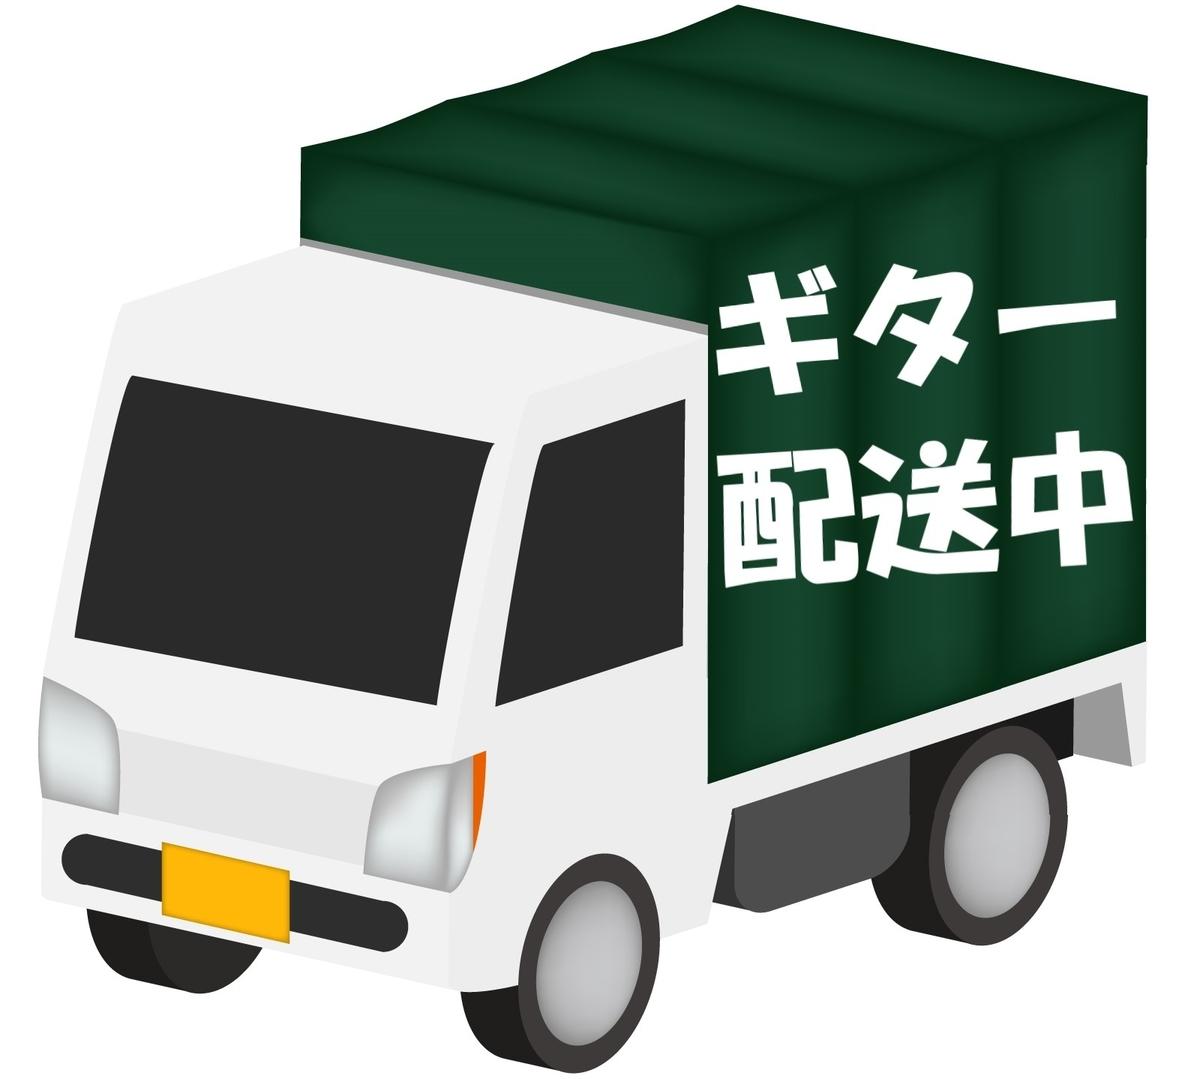 ギター配送中の軽トラック